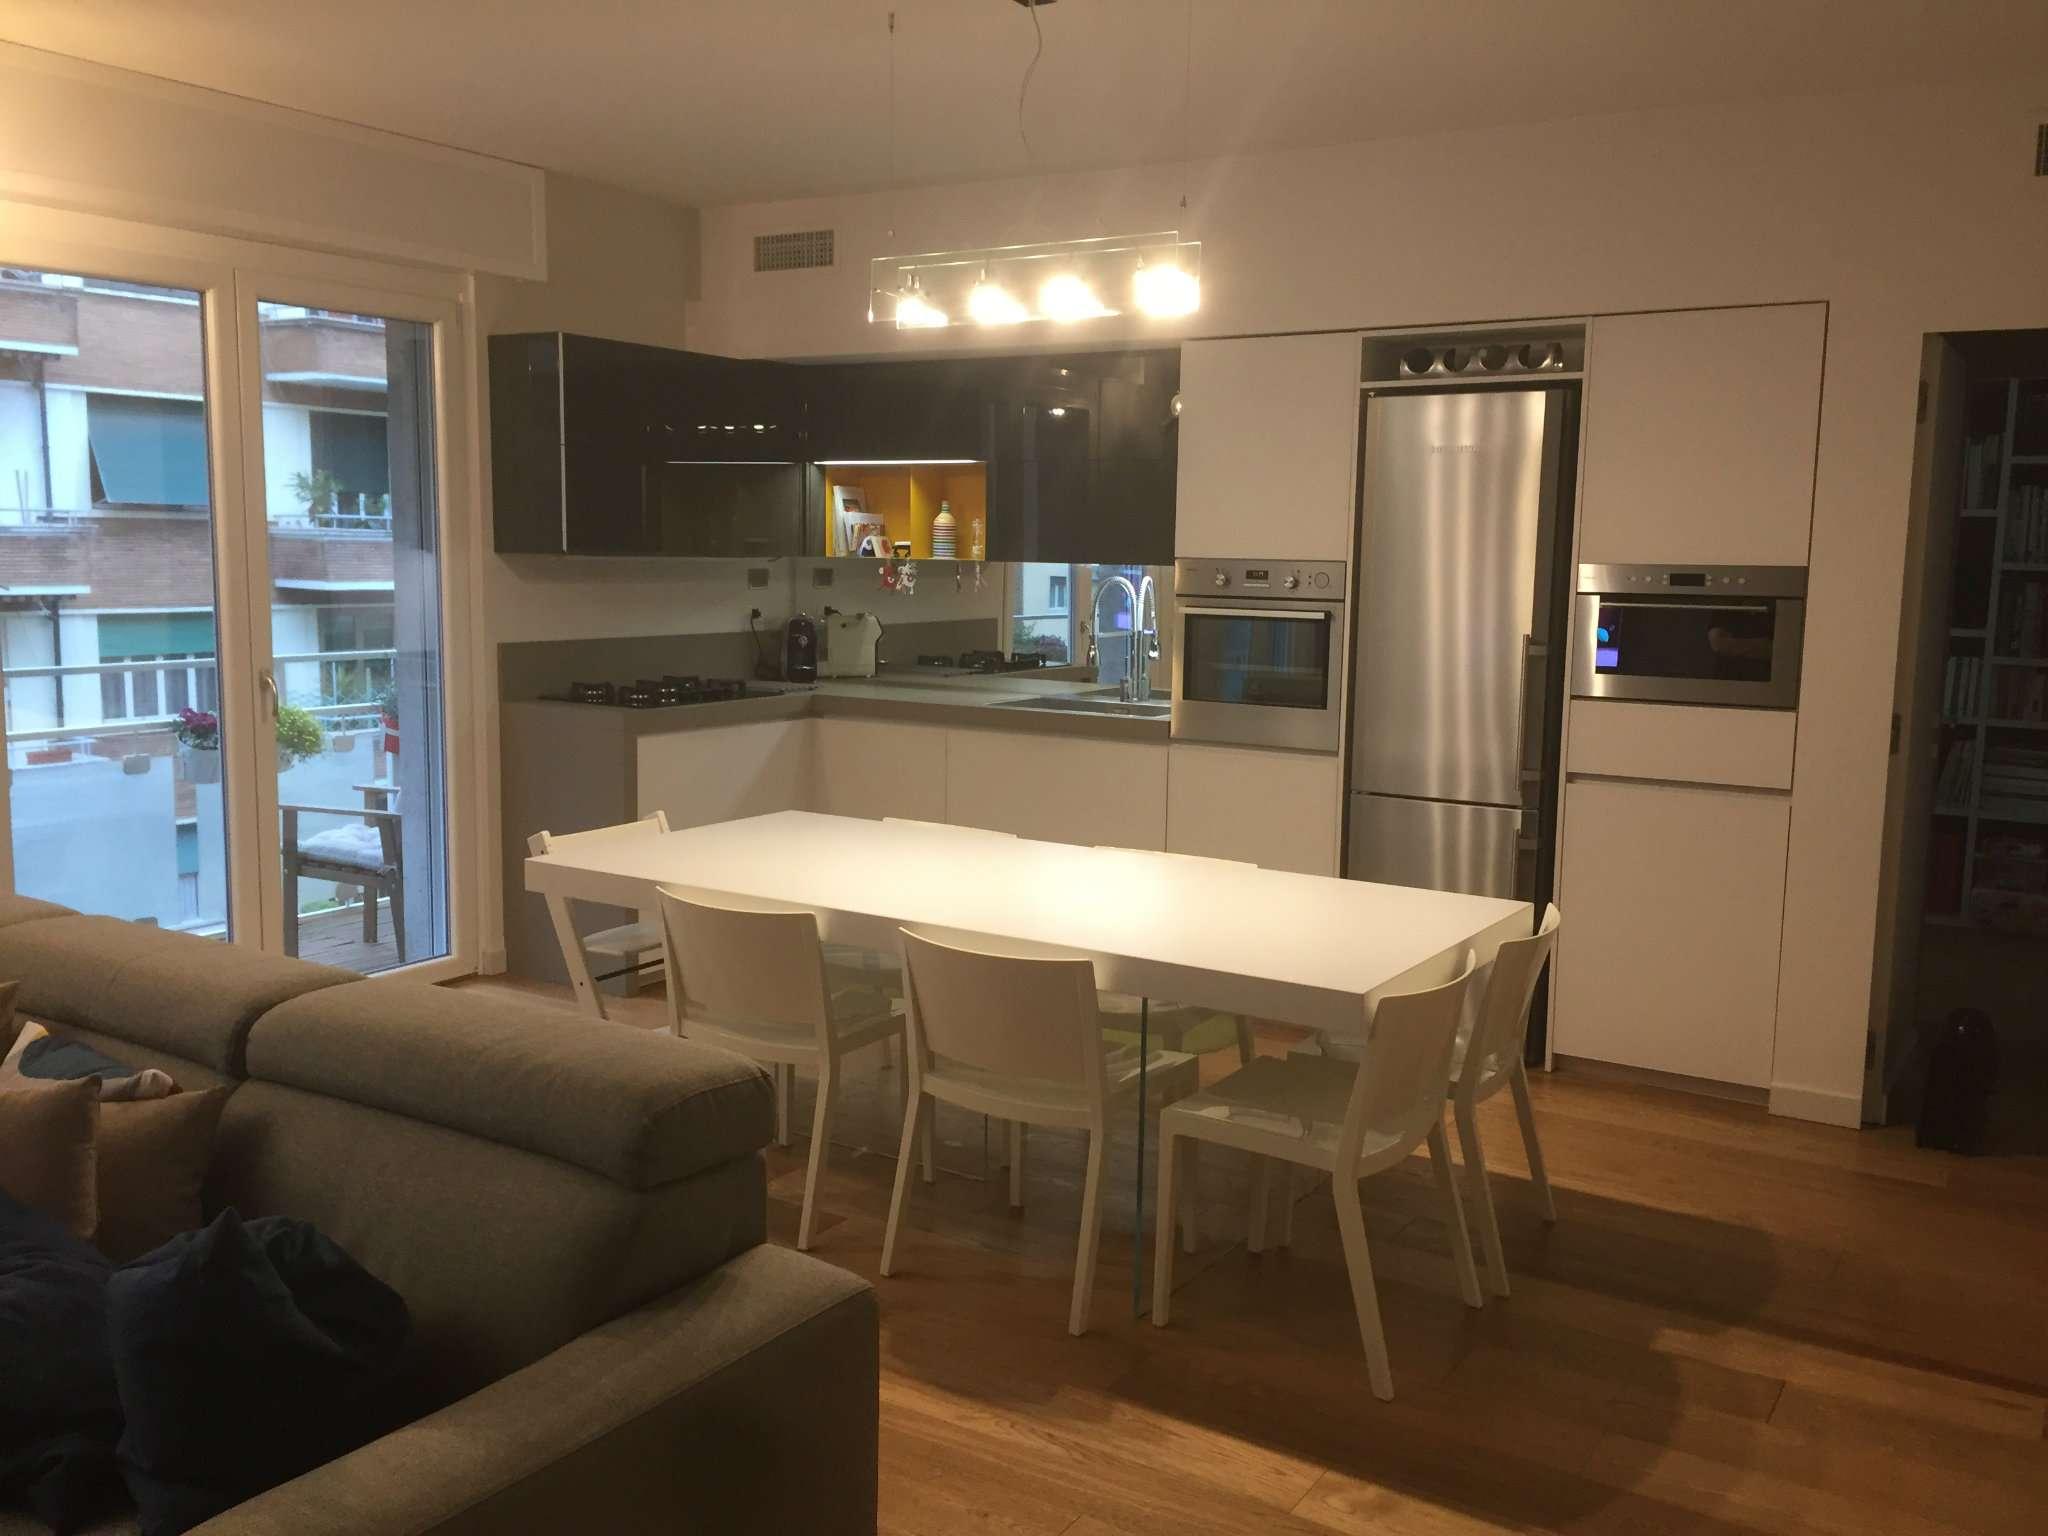 Appartamento in vendita a Roma, 5 locali, zona Zona: 4 . Nomentano, Bologna, Policlinico, prezzo € 690.000 | CambioCasa.it